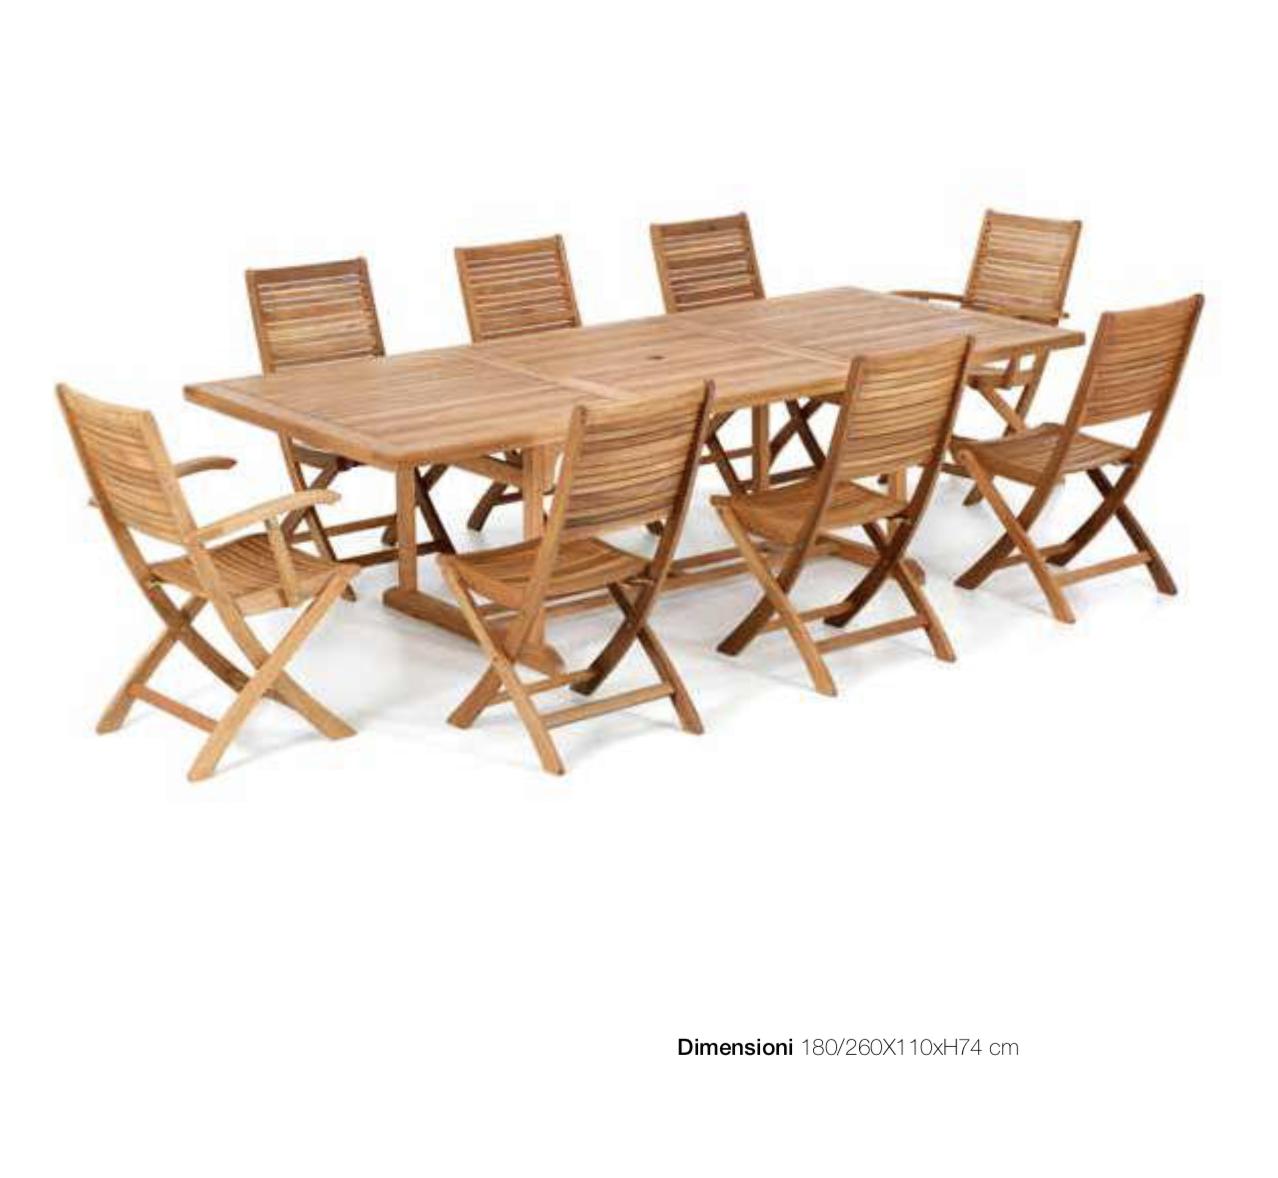 Tavolo Per Esterno Allungabile.Tavolo Allungabile Da Giardino 180x110cm Pignataro Shop